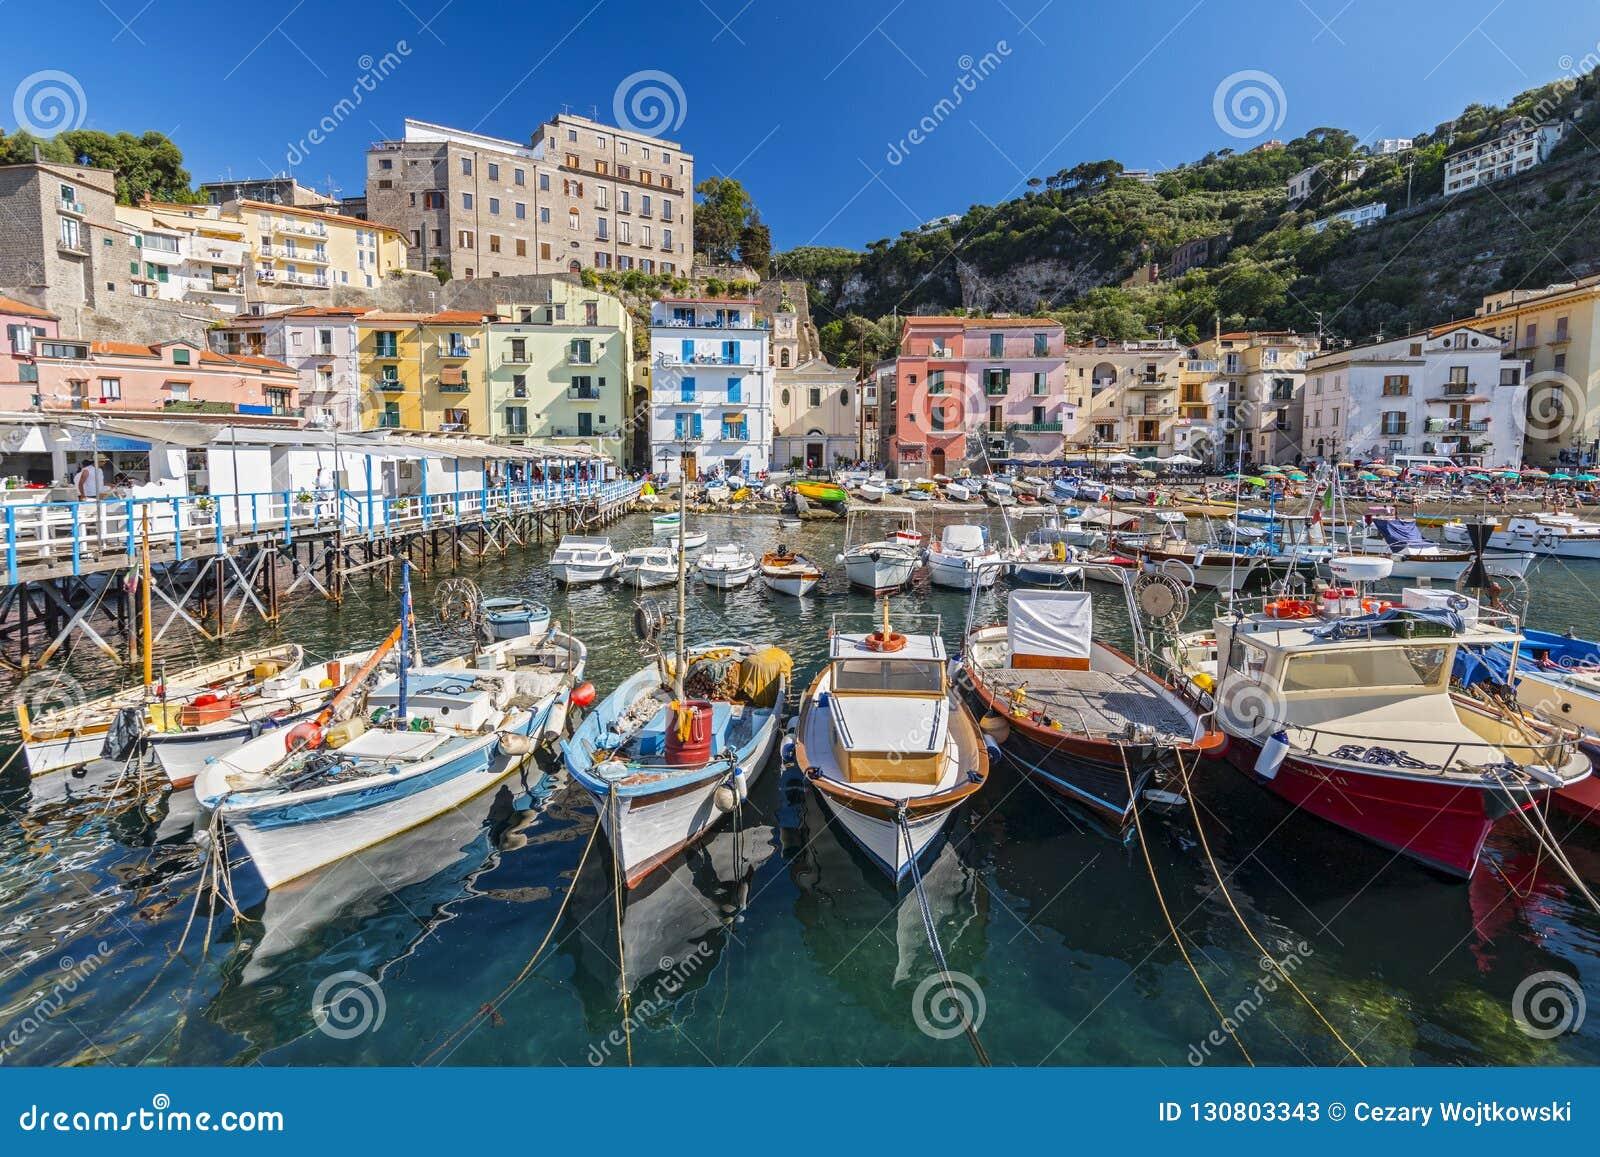 Barcos de pesca pequenos no porto Marina Grande em Sorrento, Campania, costa de Amalfi, Itália